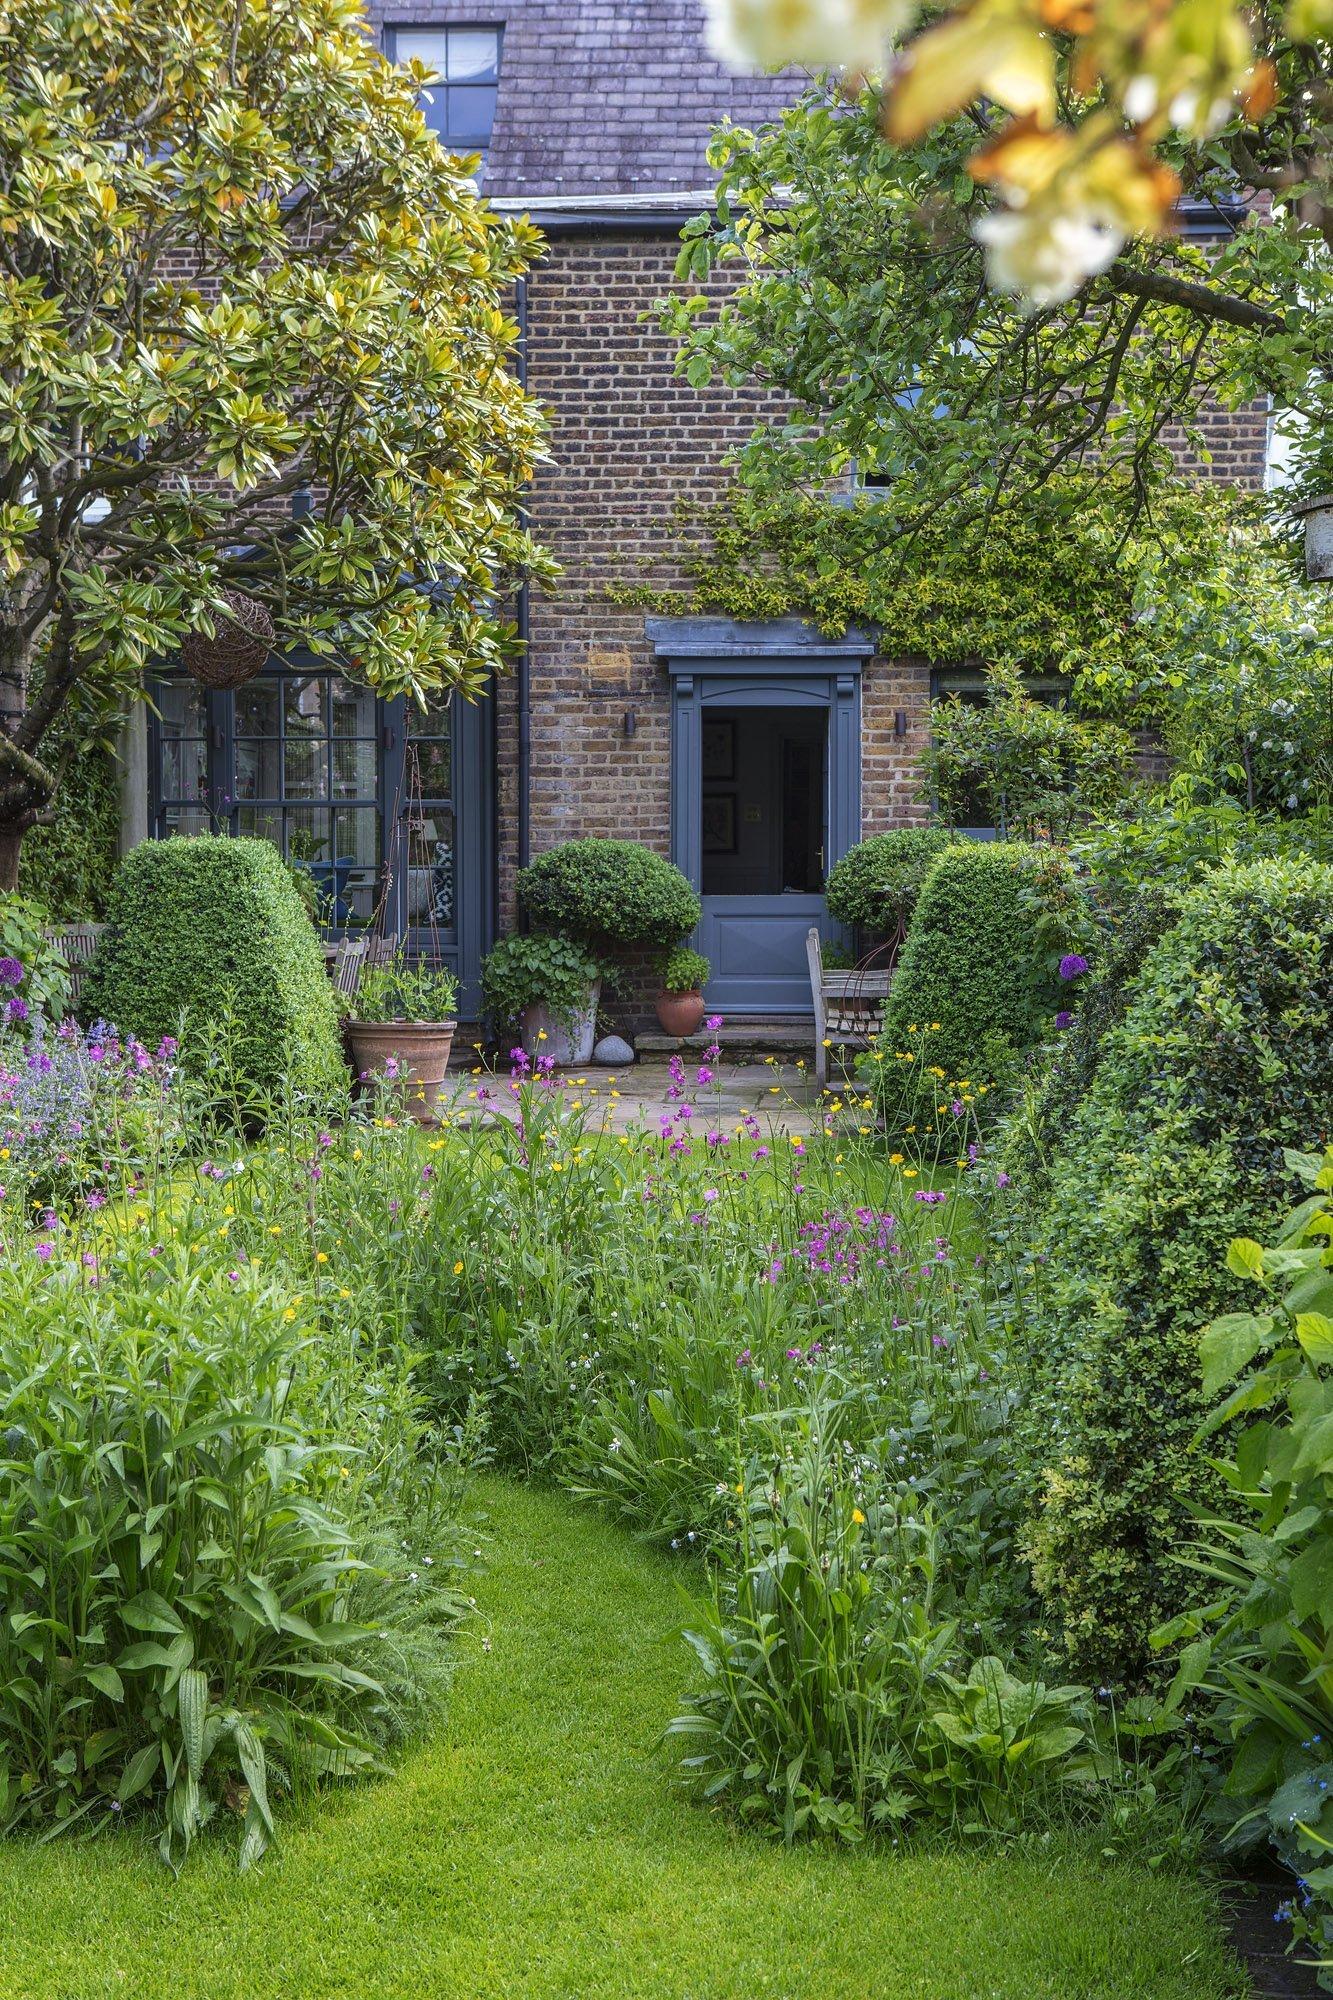 Přeměnou zahrady ve vesničce Stamford Brook v západní části Londýna, do které se dnes podíváme, strávila zahradní architektka Butter Wakefield dlouhých osmnáct let. Nedávno se konečně dočkala zasloužené chvíle, kdy se těsné okolí jejího londýnského domu zazelenalo přesně podle zamýšlených pravidel. A kdy se jako celek mohlo stát zajímavou inspirací nejen pro všechny kolemjdoucí, ale i pro vás, naše čtenáře.